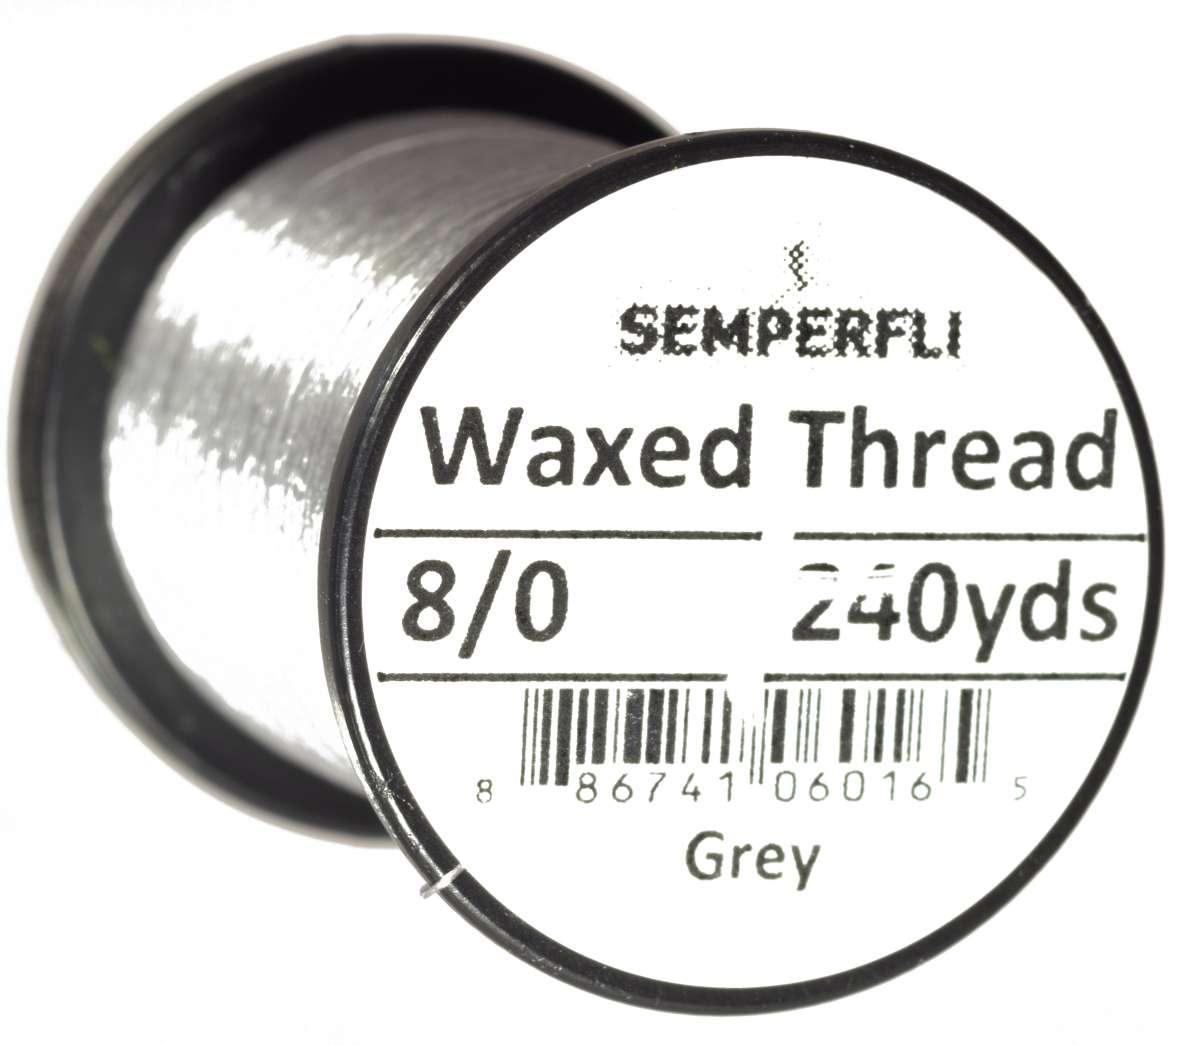 8/8 Classic Waxed Thread Grey Sem-0400-1960